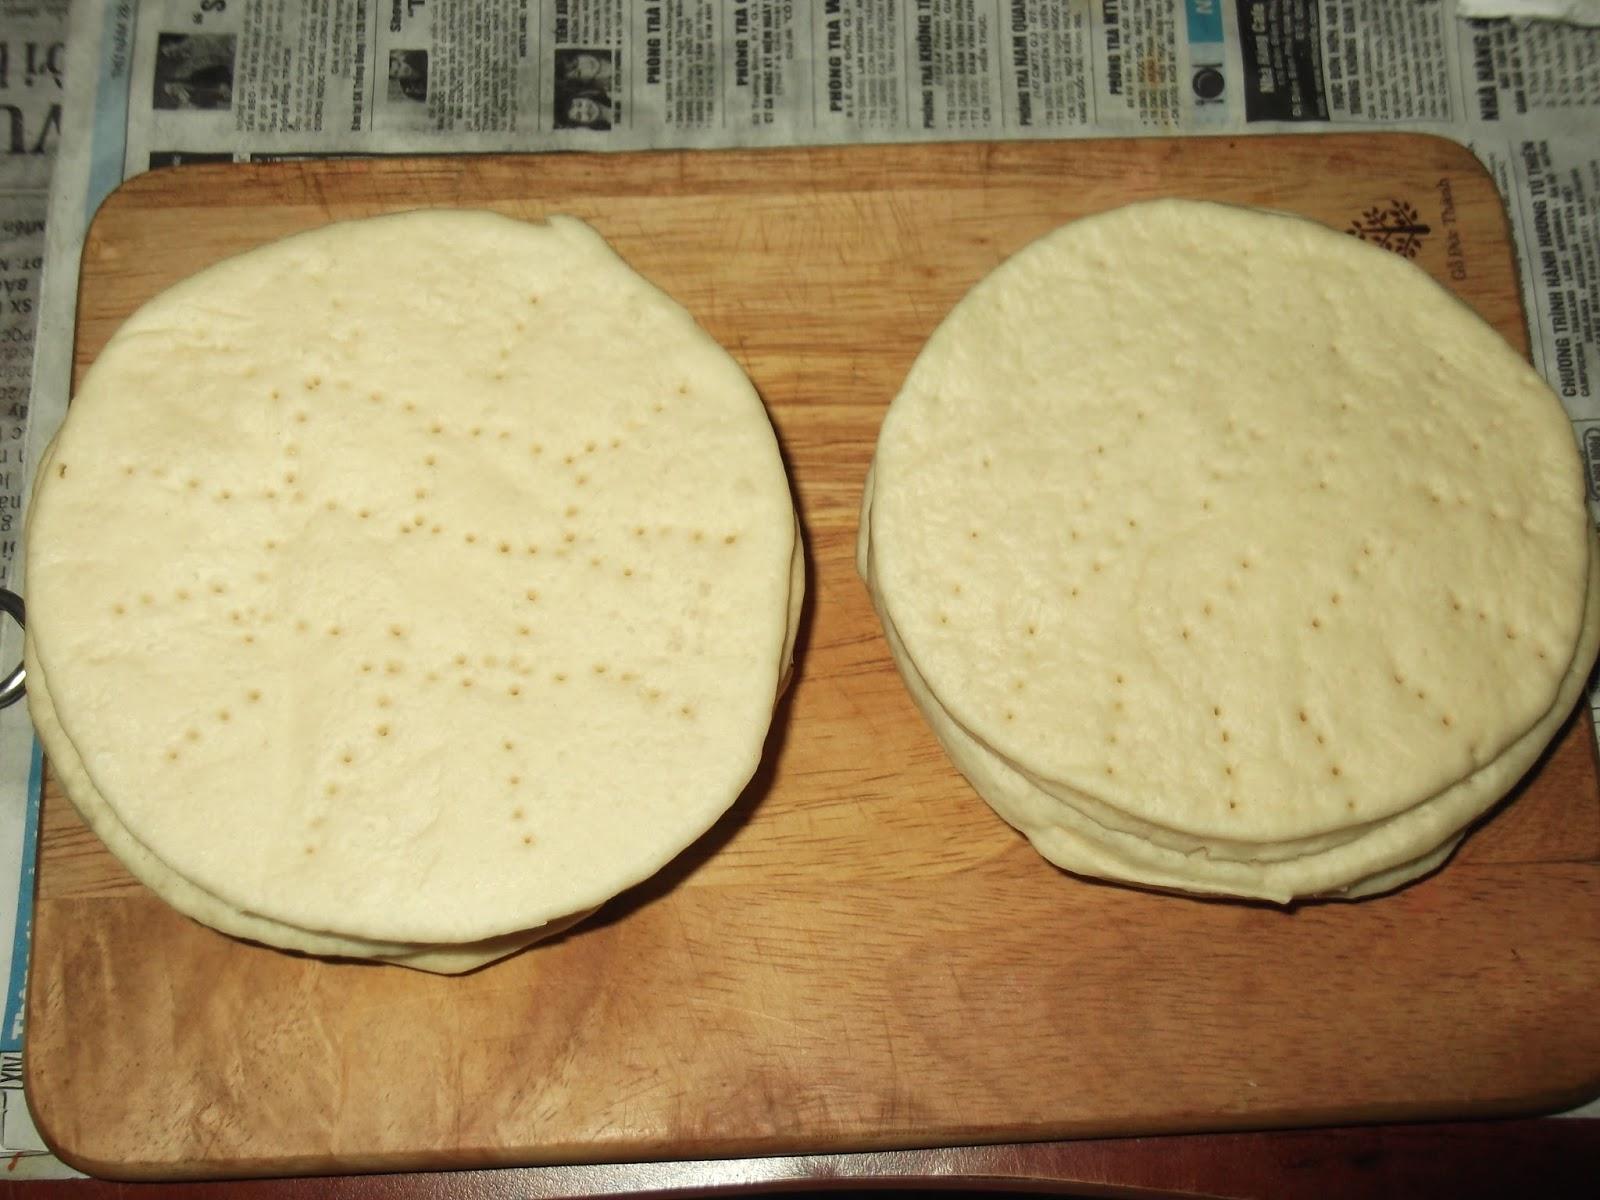 Lấy nĩa xăm lên đế bánh để nướng nhanh chín hơn